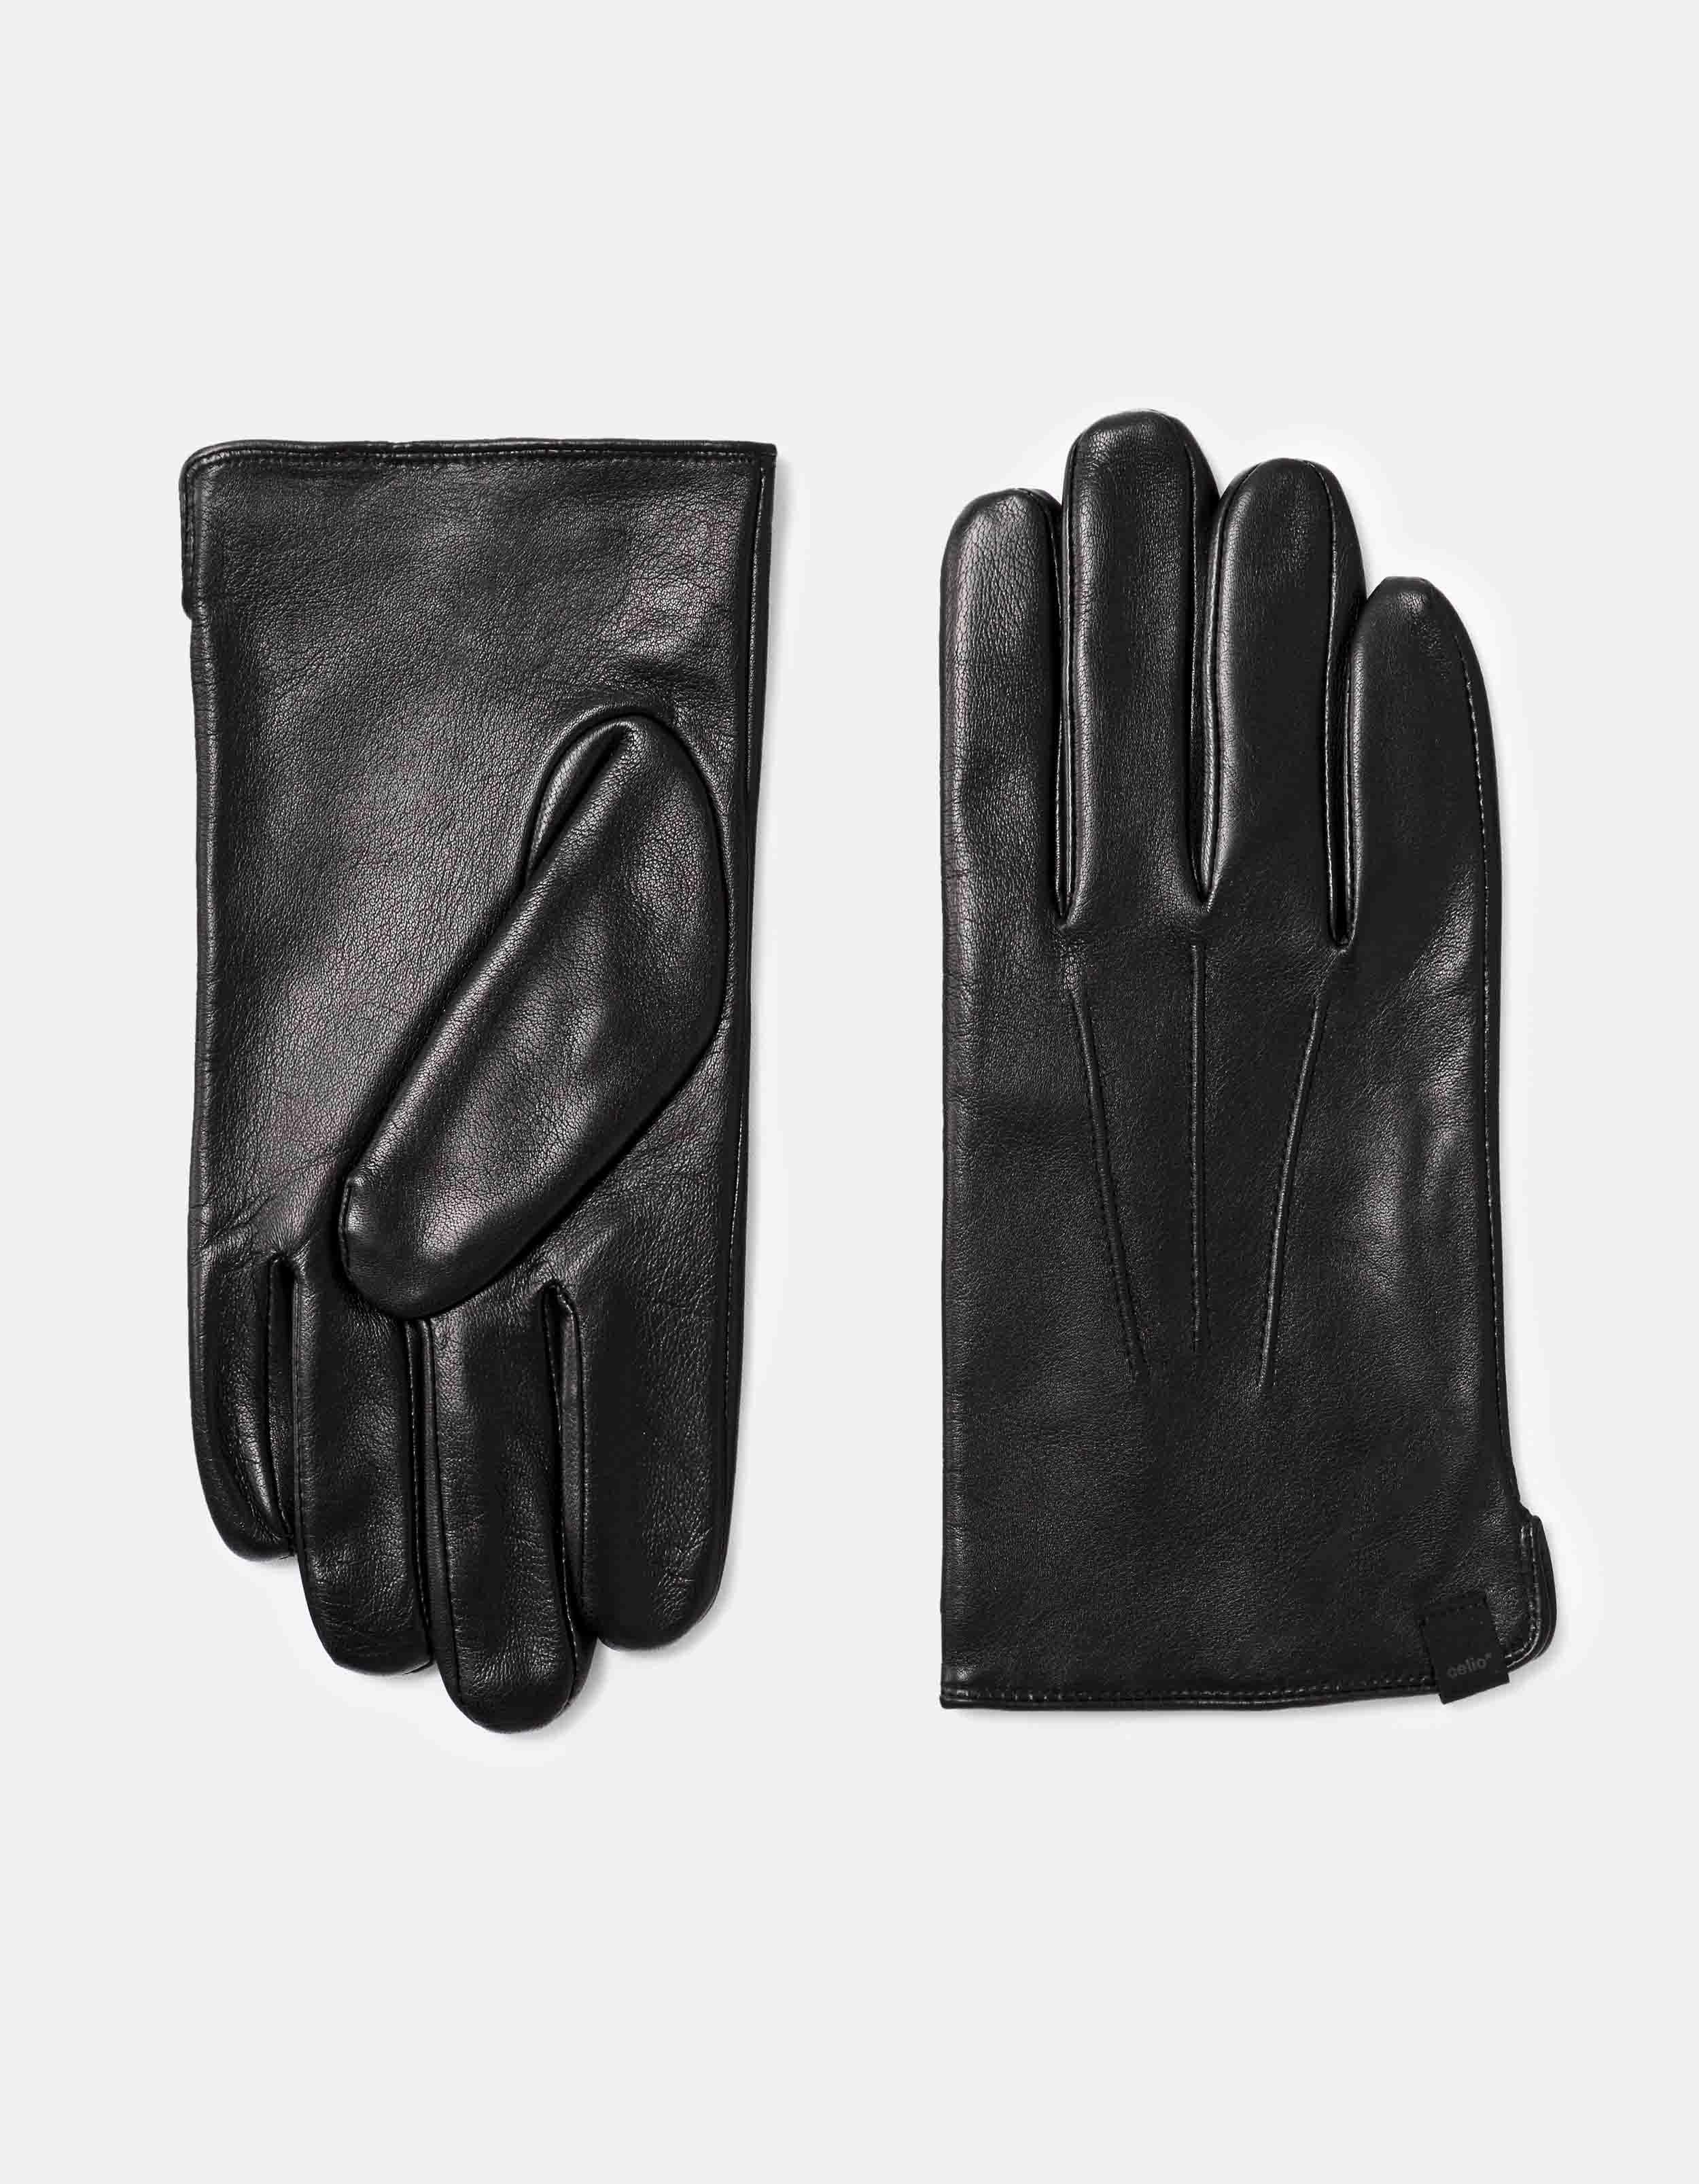 gants en cuir détail surpiqûre Prix 29,99 €